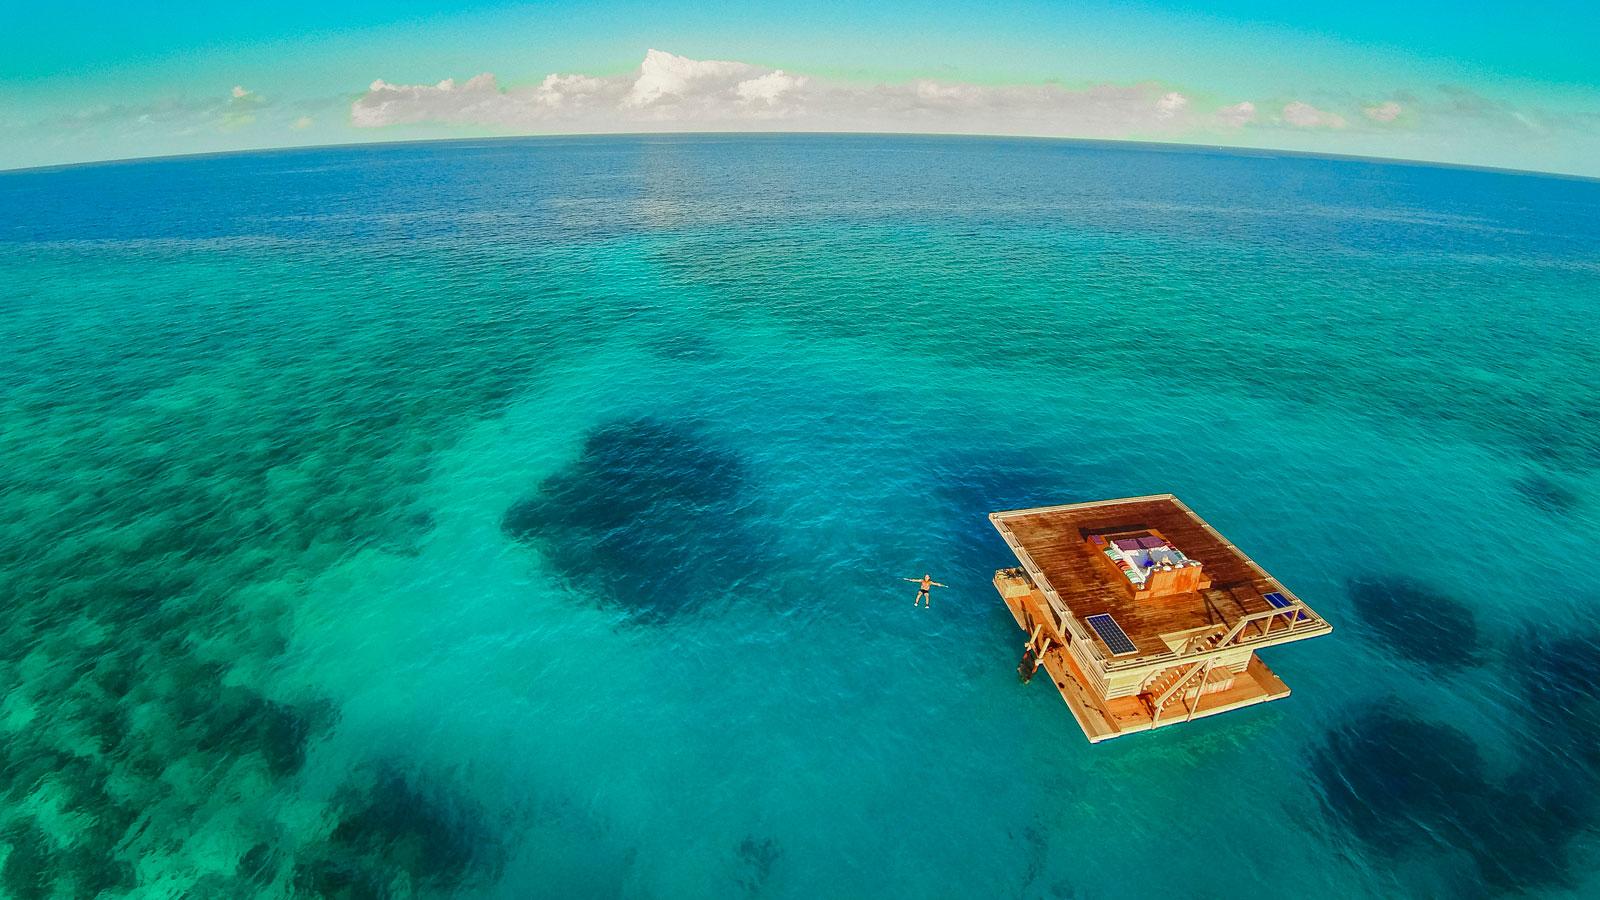 Tanzania, Zanzibar Island: description, attractions and interesting facts 3